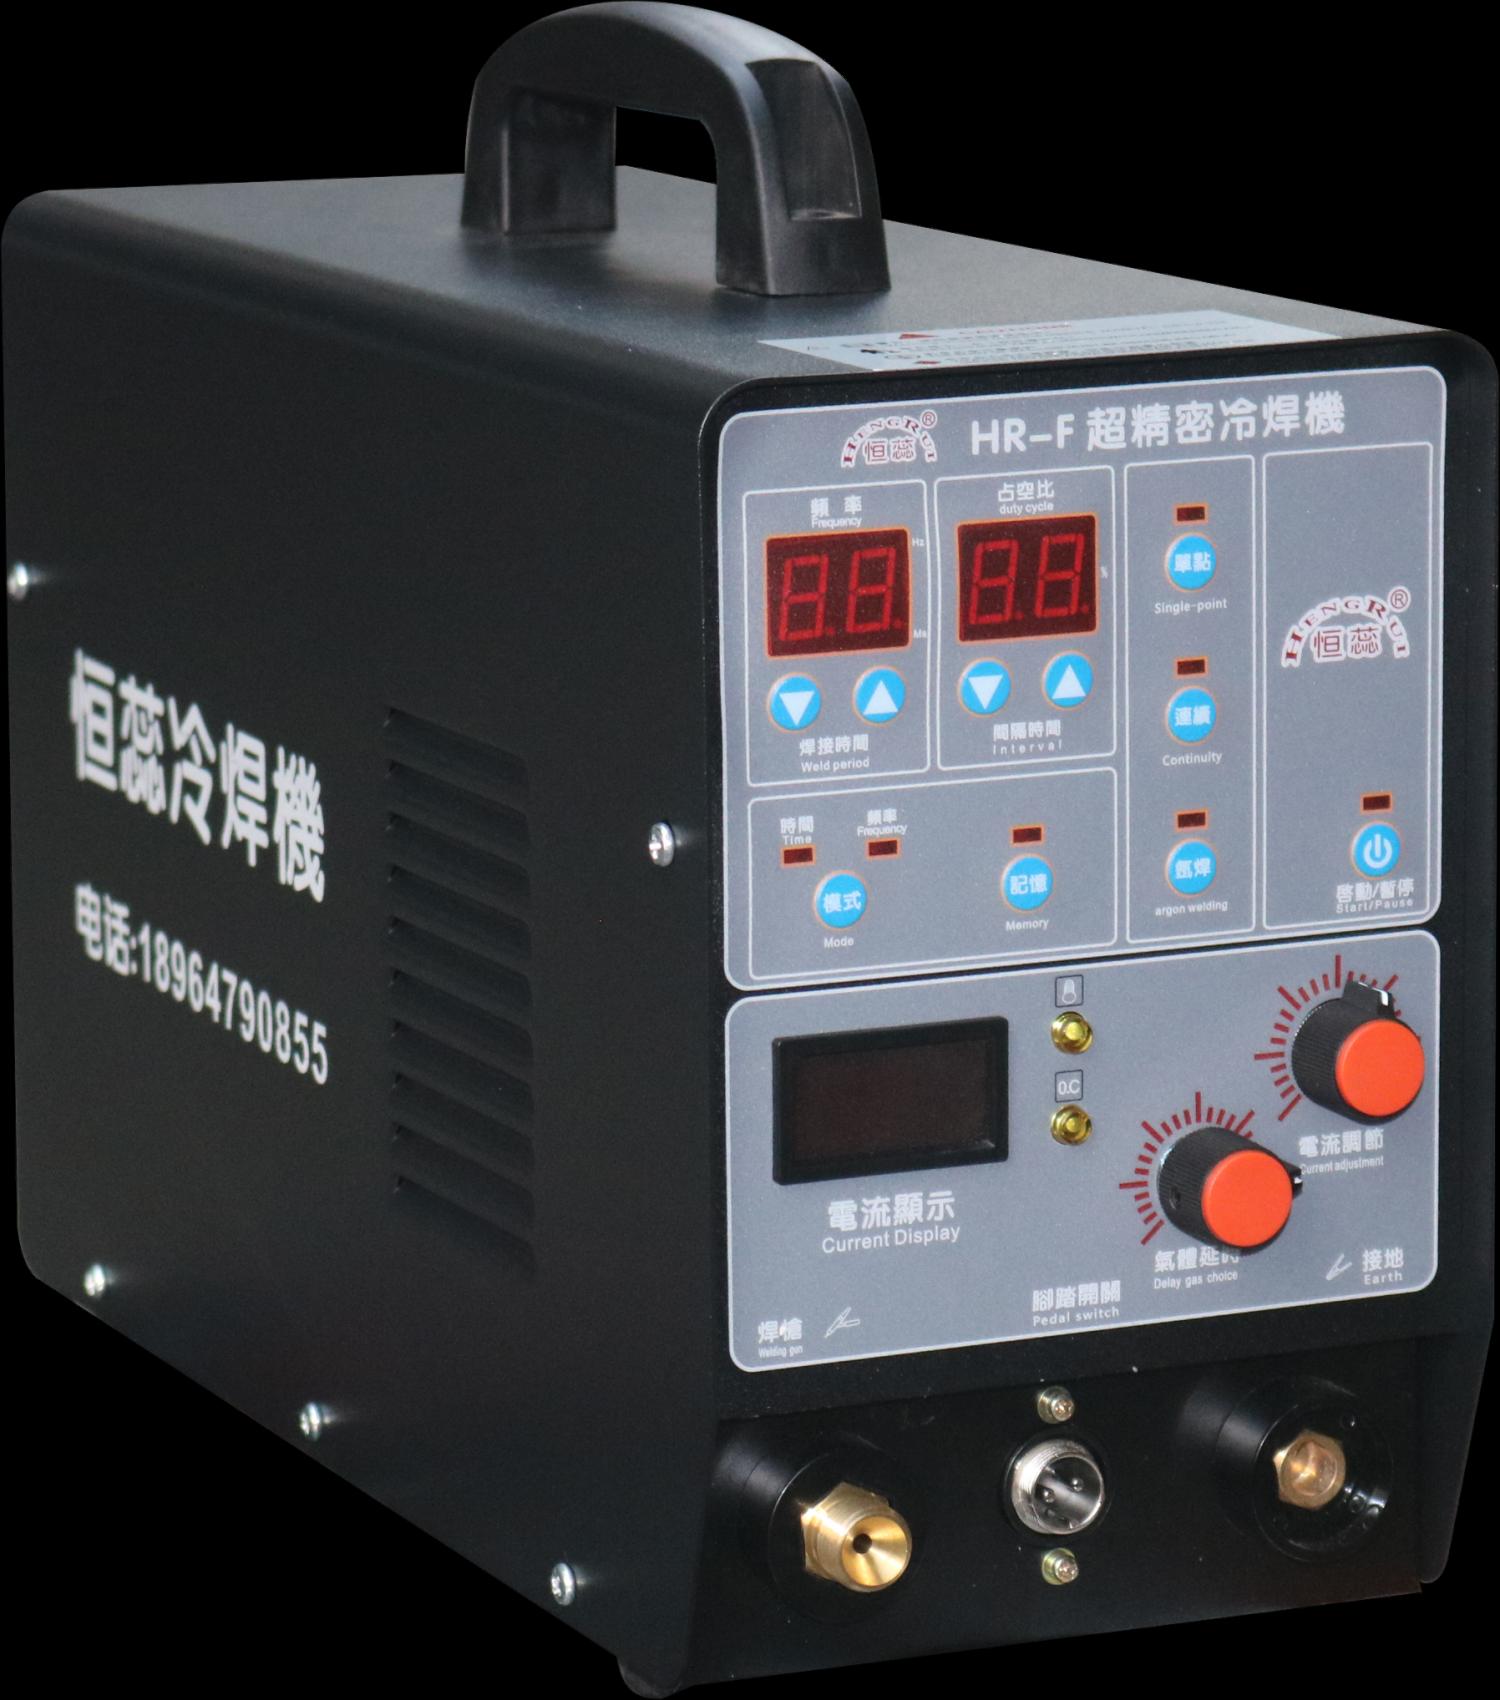 HR-F超精密冷焊(新款)